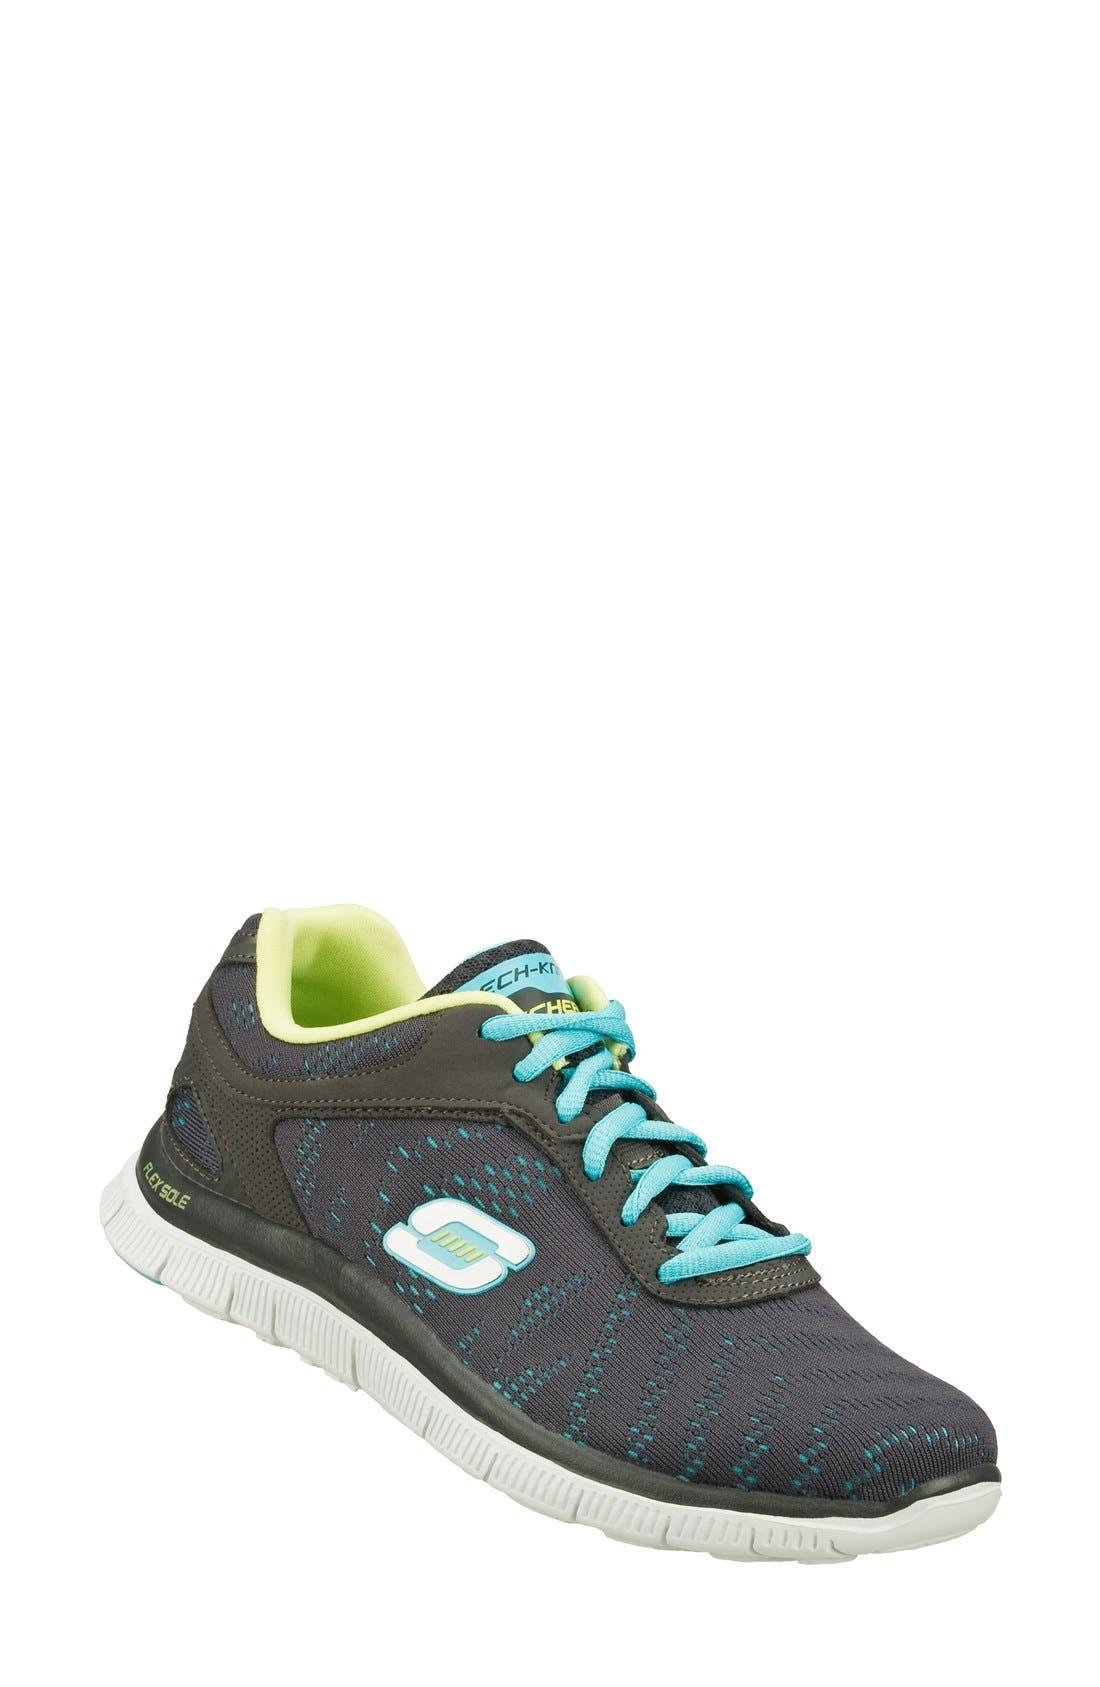 Alternate Image 1 Selected - SKECHERS 'Flex Appeal - First Glance' Walking Shoe (Women)